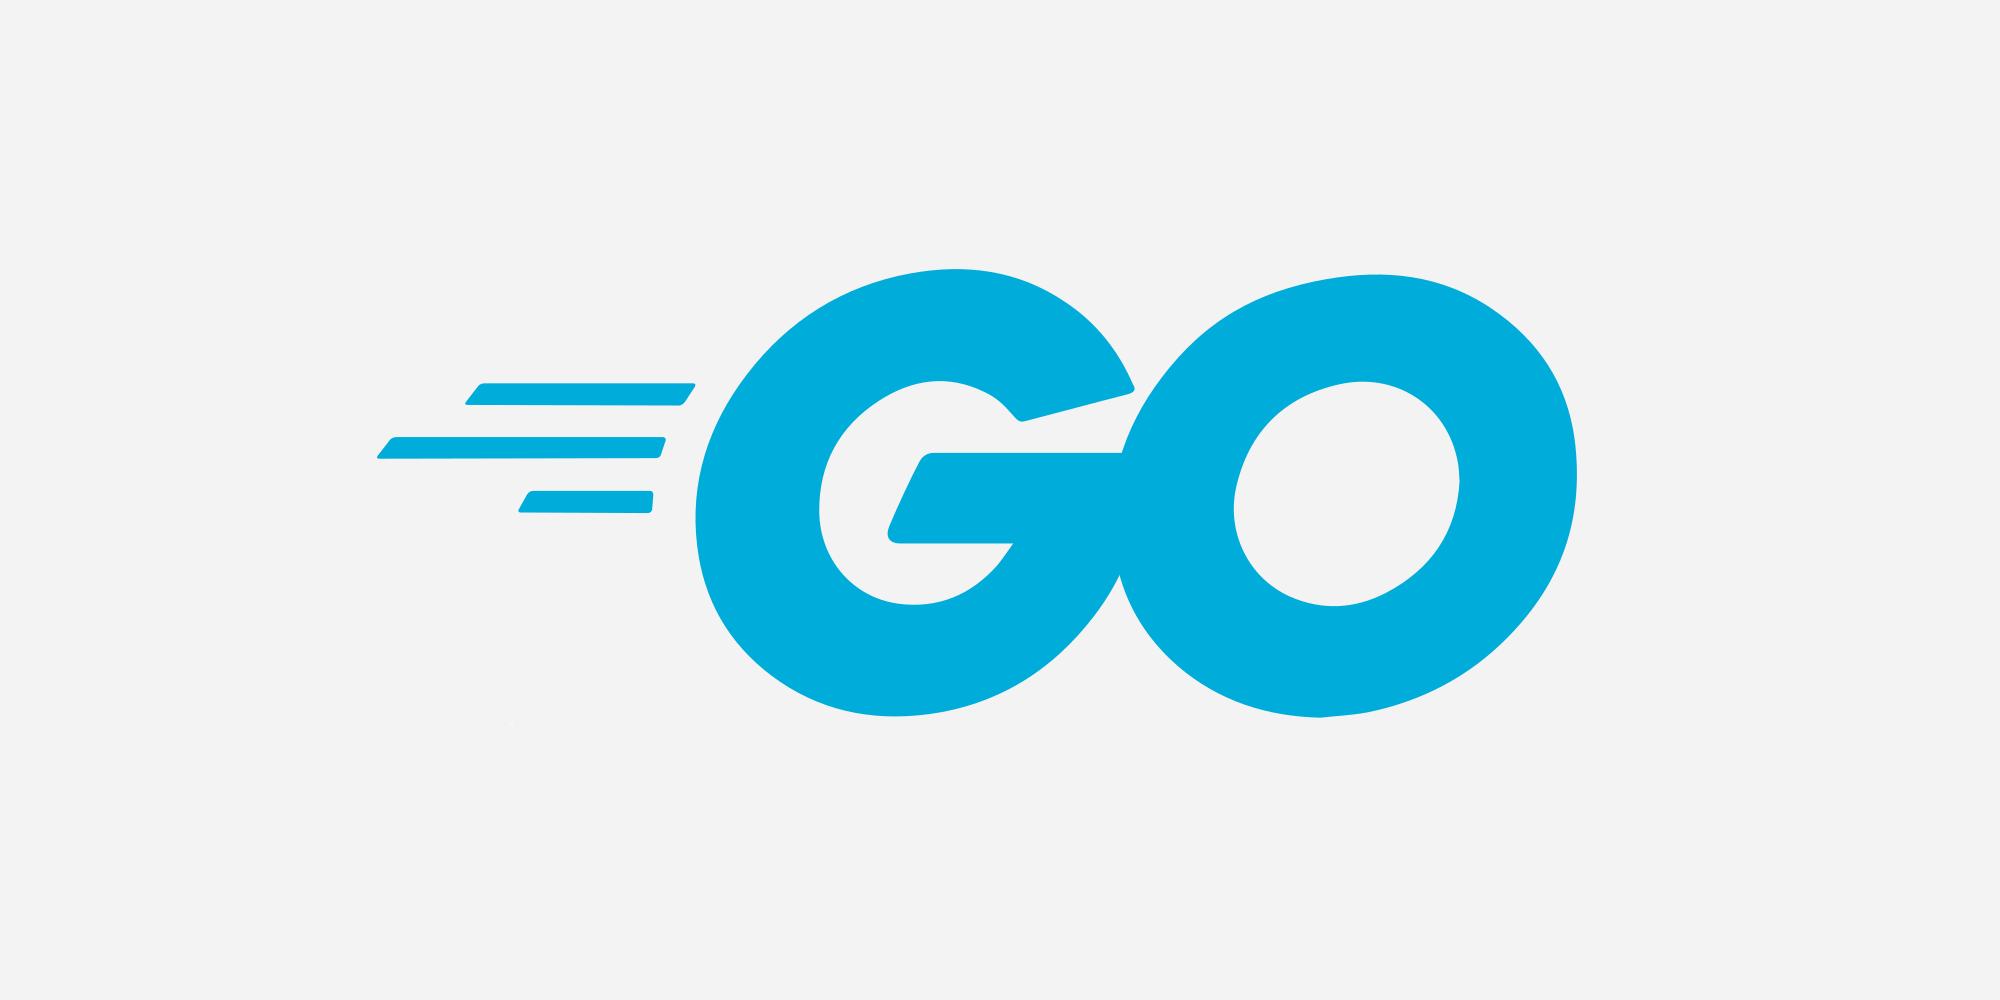 🏃 Язык Go: как стать востребованным программистом